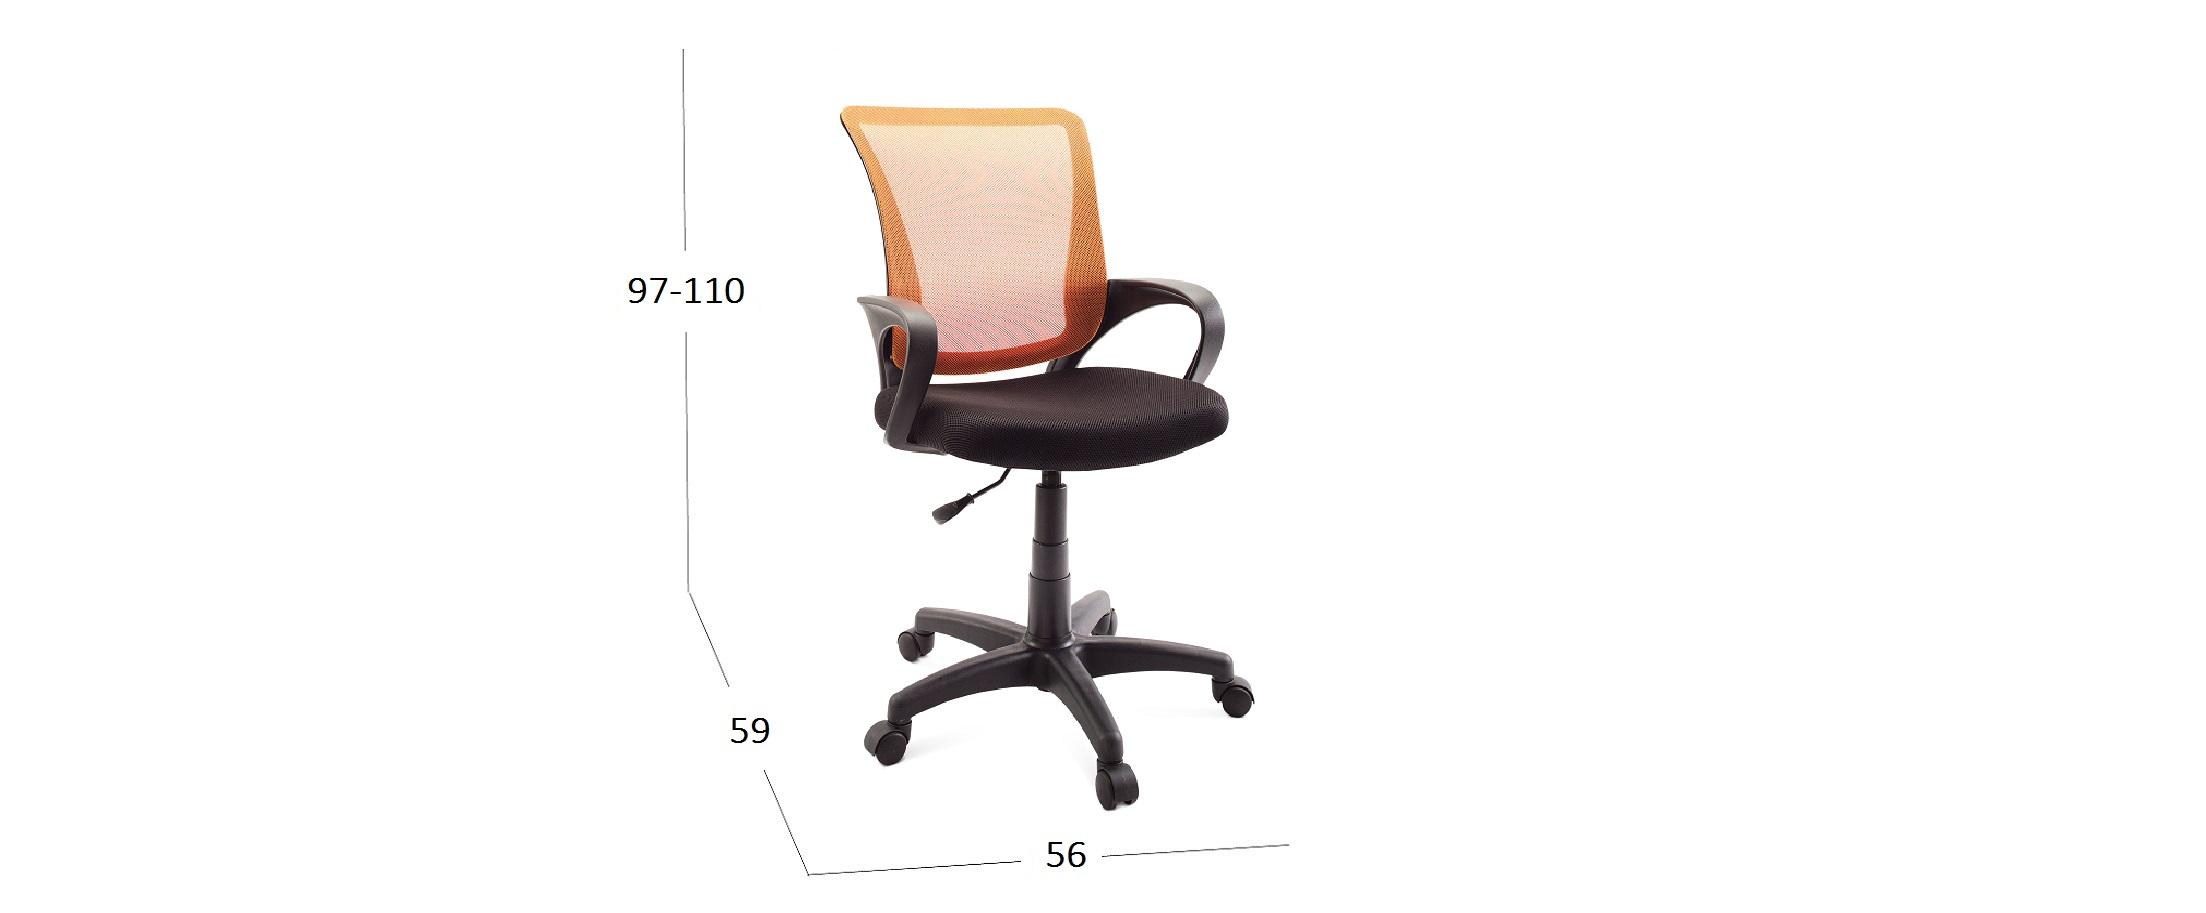 Кресло SN13 Модель 376Кресло офисное SN13 оранжевый Модель 376. Артикул Д001070